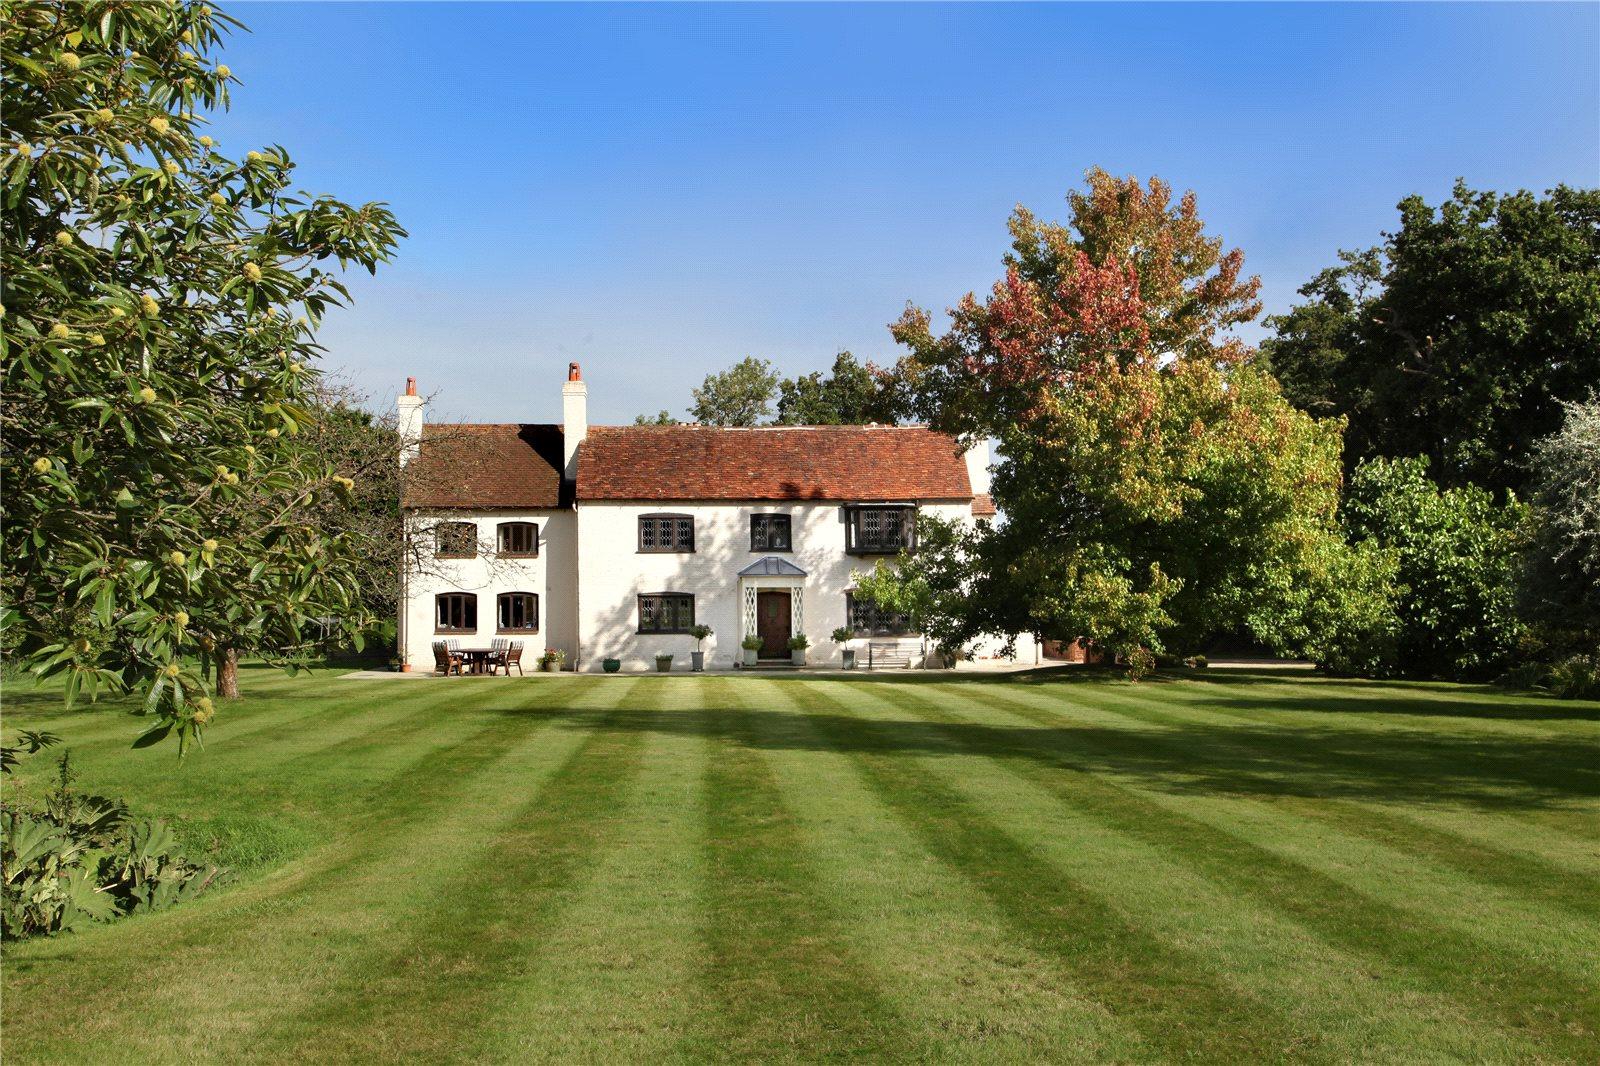 Μονοκατοικία για την Πώληση στο Malt Hill, Warfield, Berkshire, RG42 Berkshire, Αγγλια